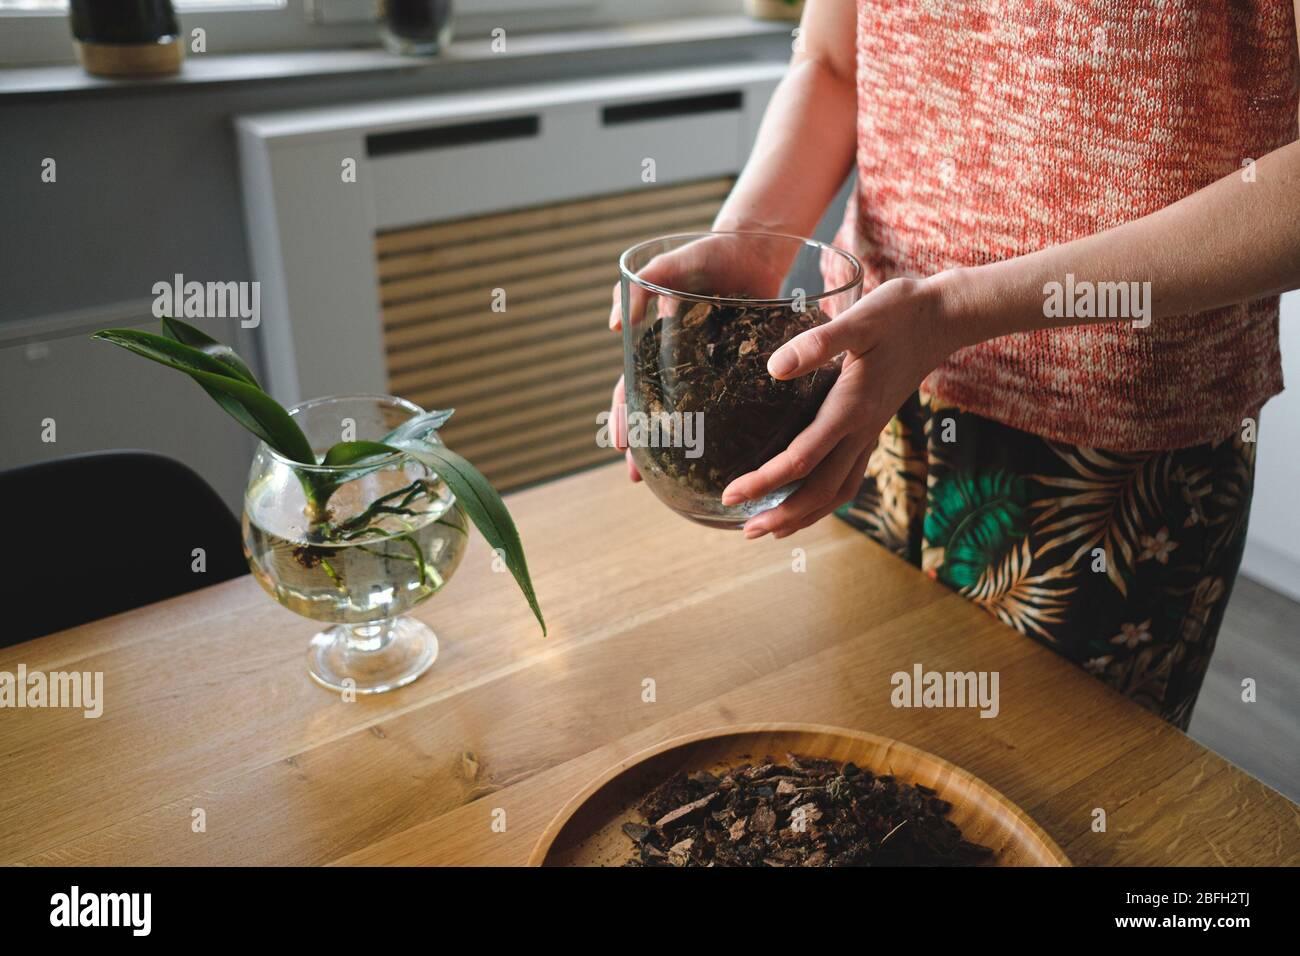 Gros plan femme mains planter une fleur d'orchidée dans la maison sur un bureau en bois dans le salon Banque D'Images